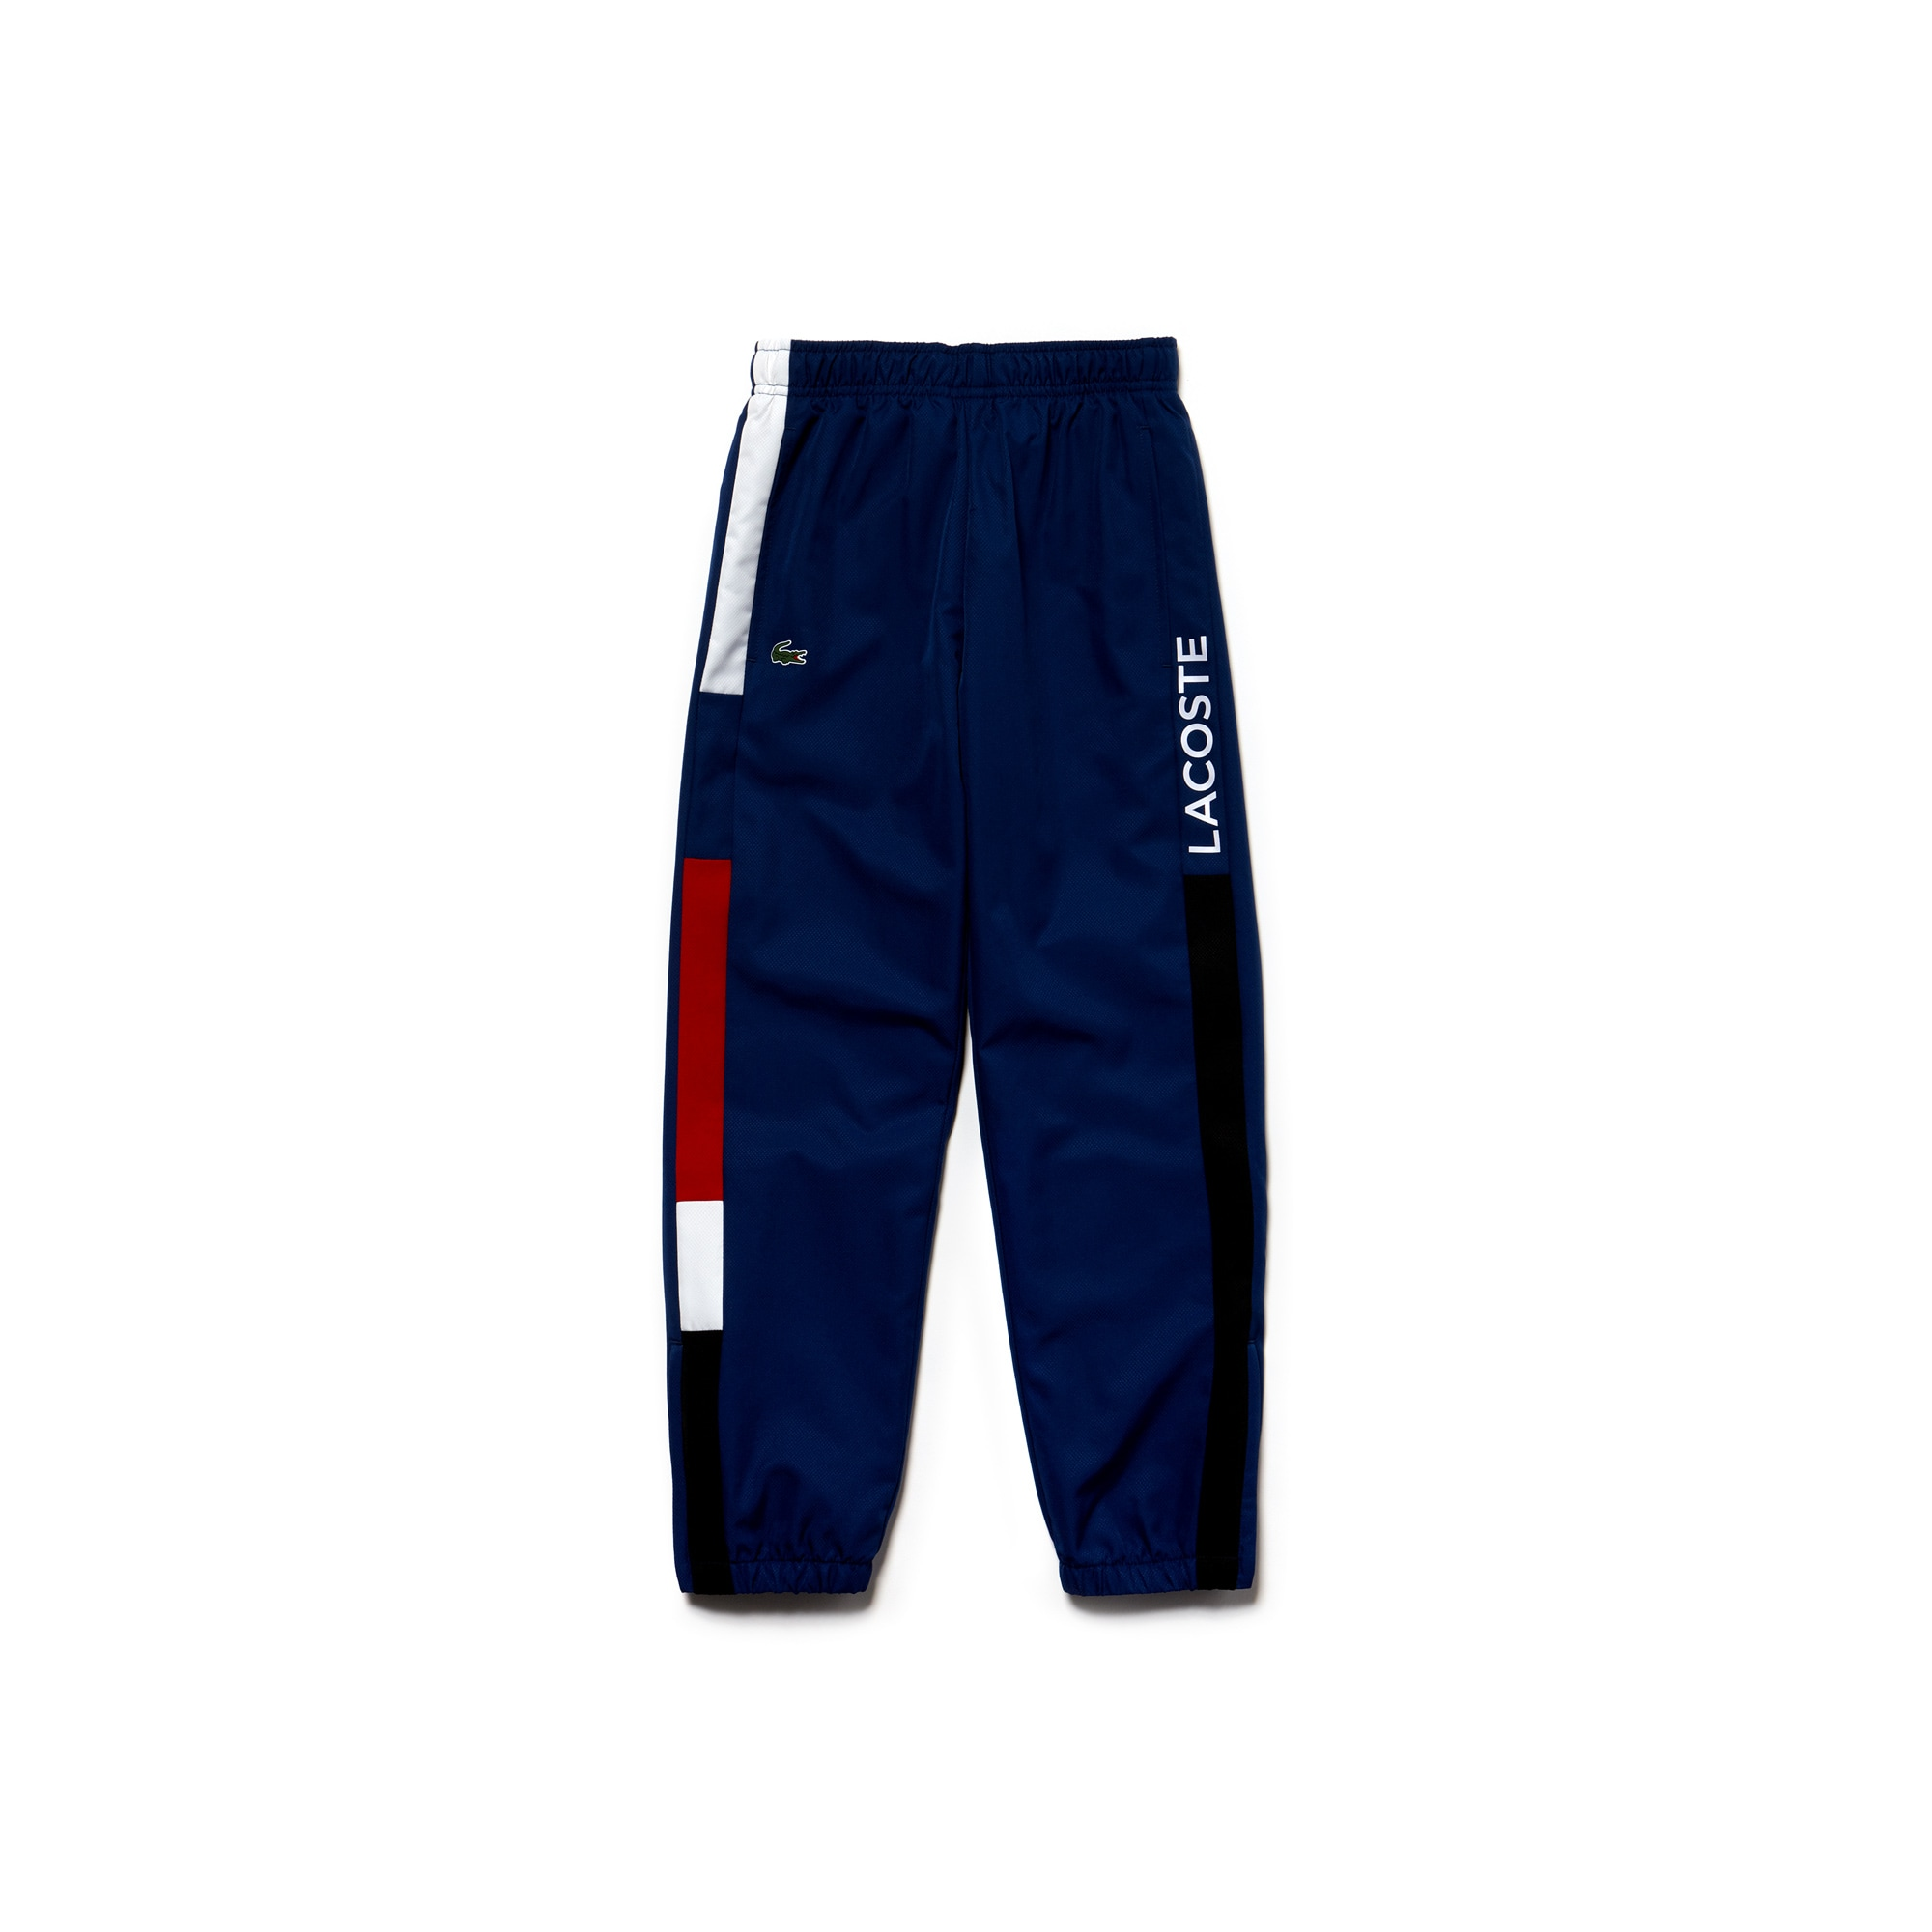 Pantalón de chándal de chico Tenis Lacoste SPORT en tafetán